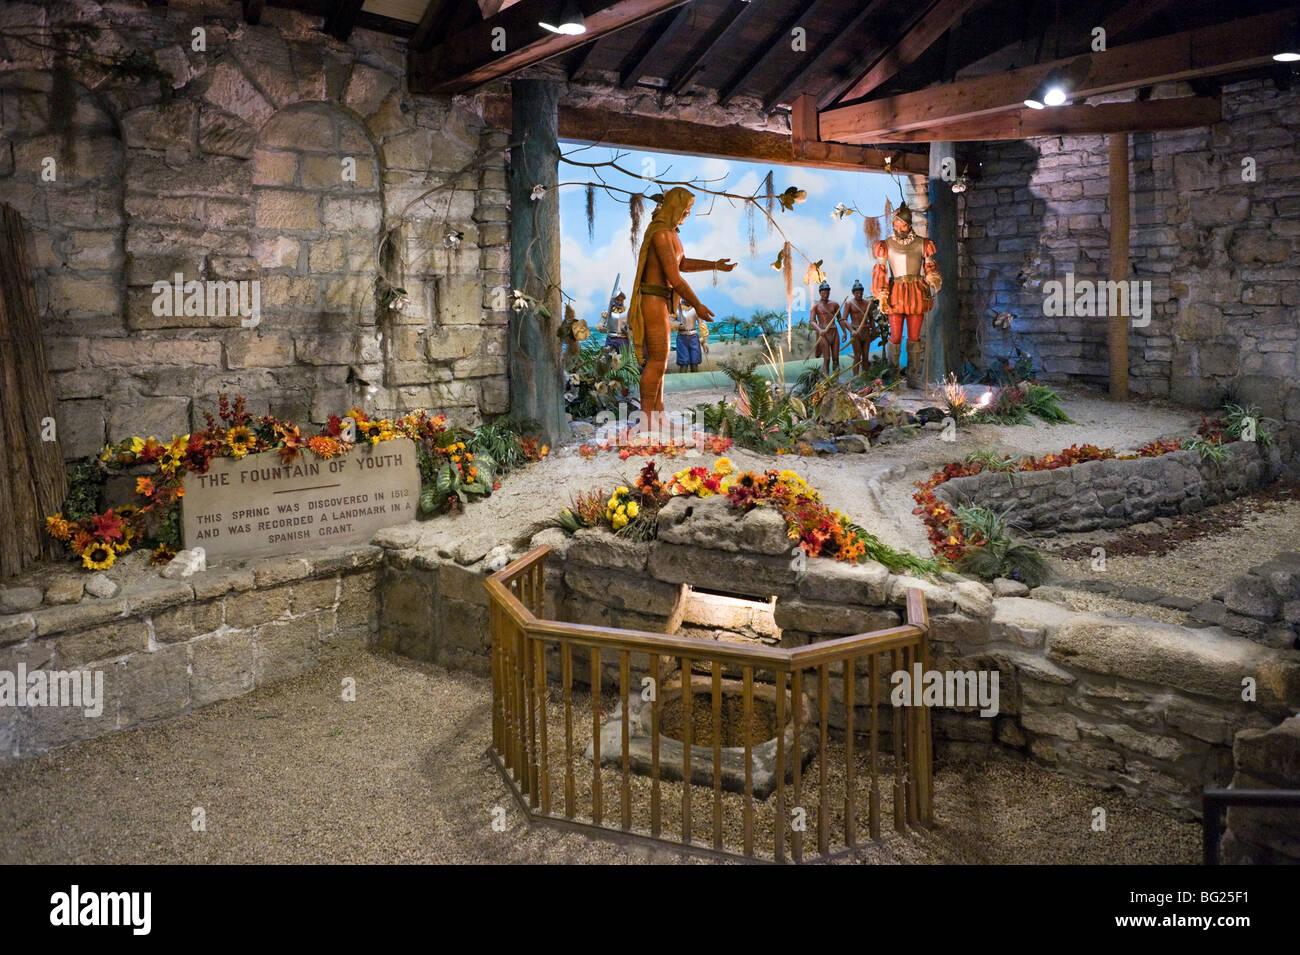 La fuente de la Juventud con un diorama de soldados españoles e indios nativos detrás, San Agustín, Imagen De Stock